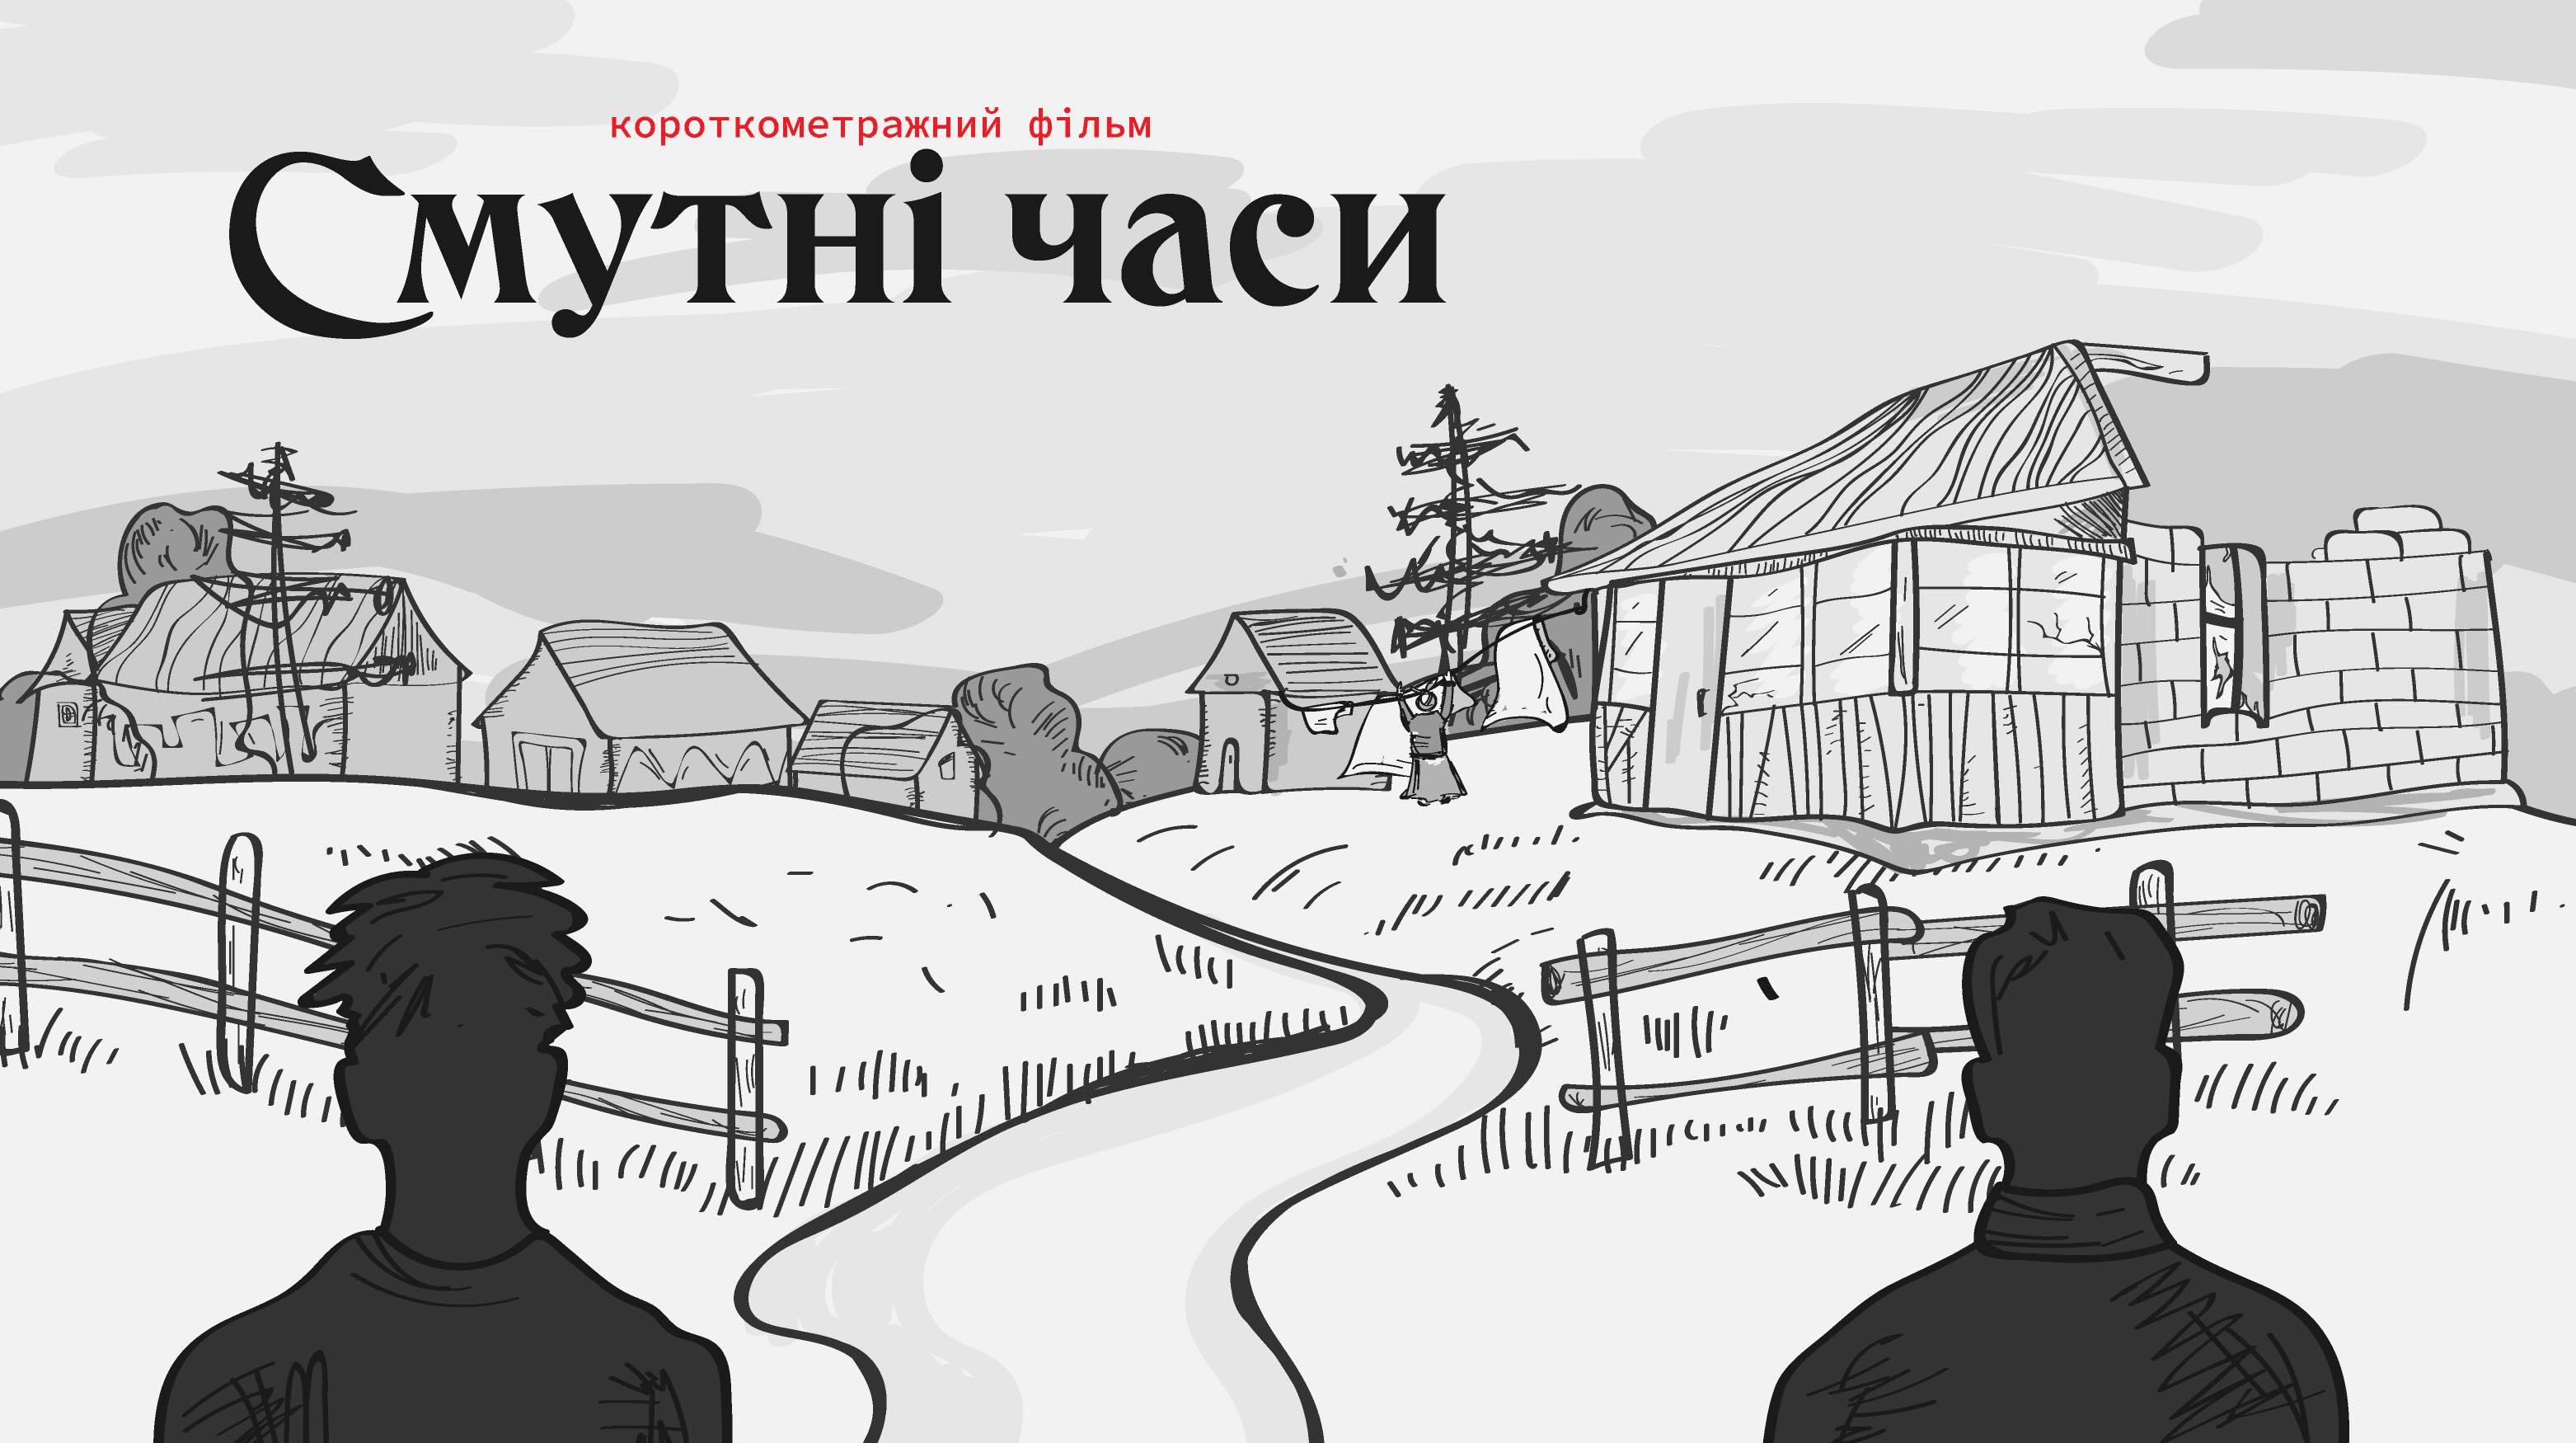 Київські студенти збирають на краудфандингу кошти на фільм про вплив конфлікту на Донбасі на звичайних людей